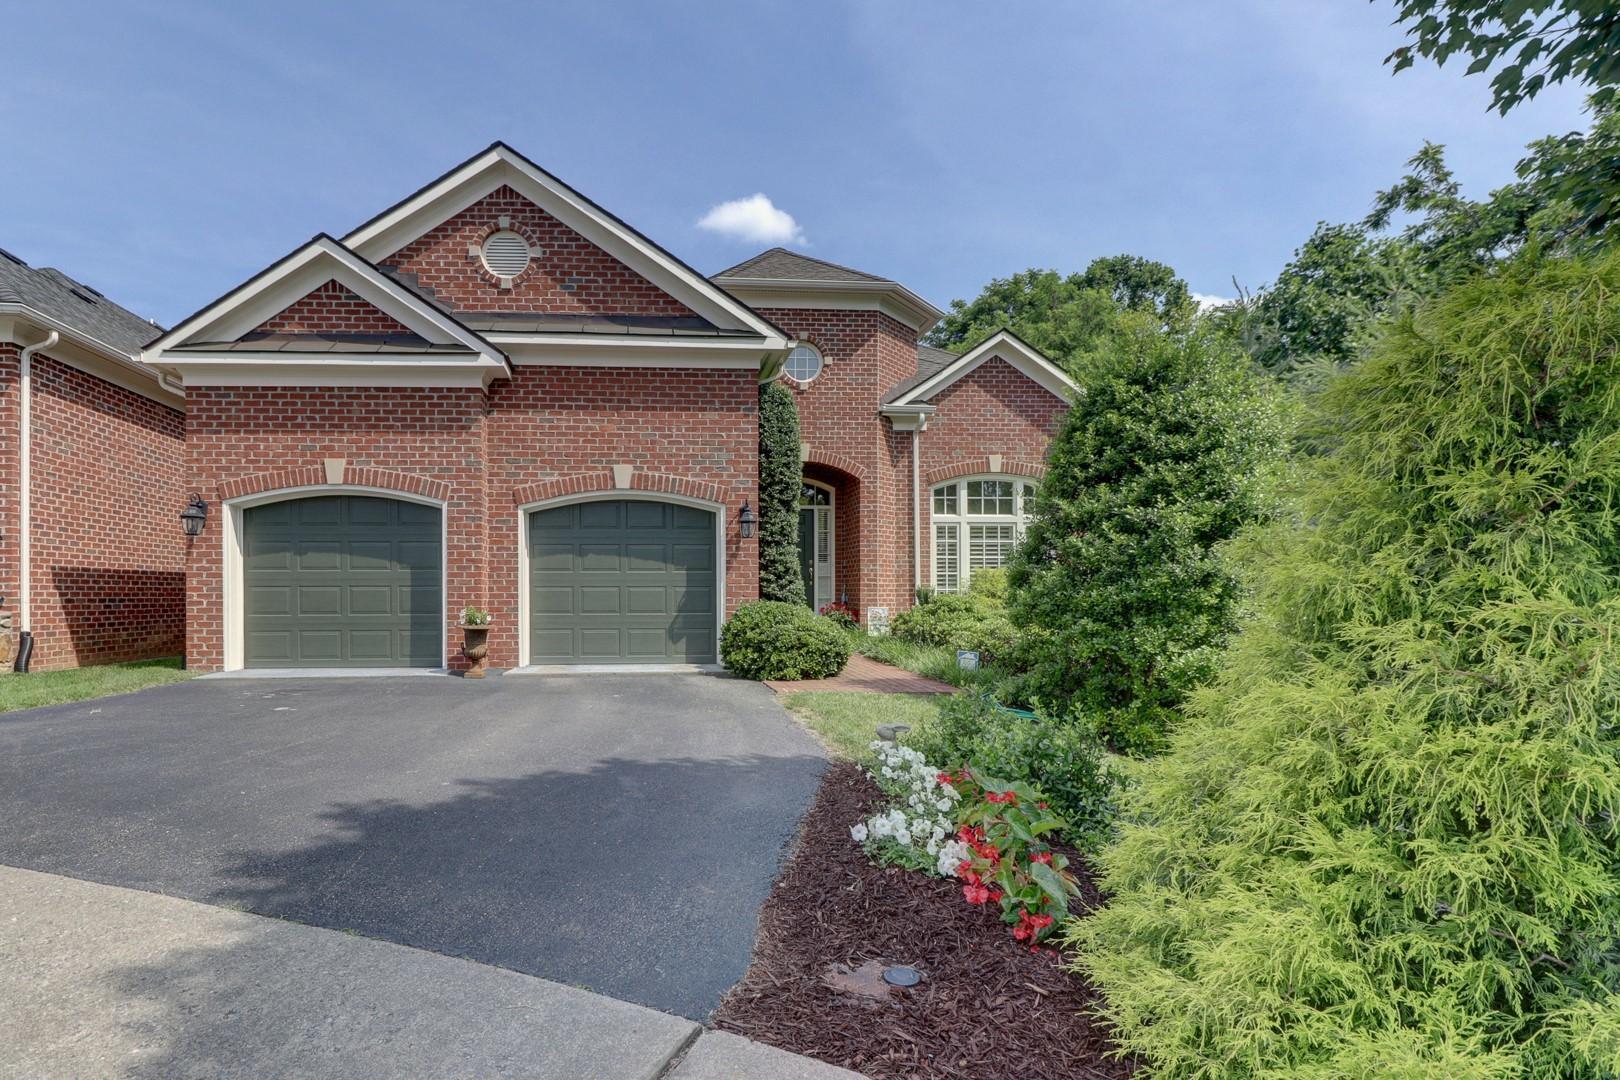 3342 Belshire CT SW, Roanoke, VA 24014